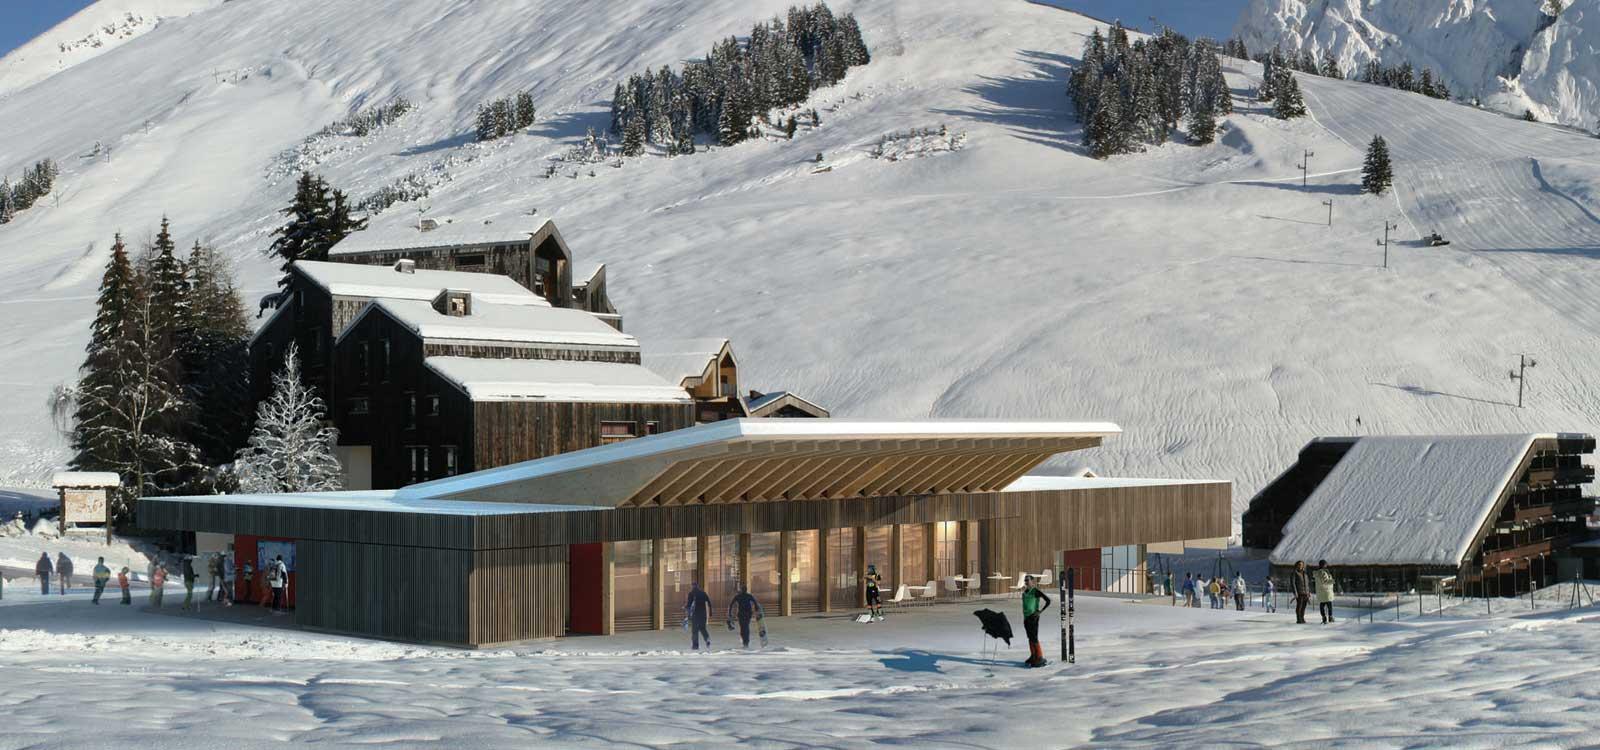 grenot-architecte-dplg-annecy-savoie